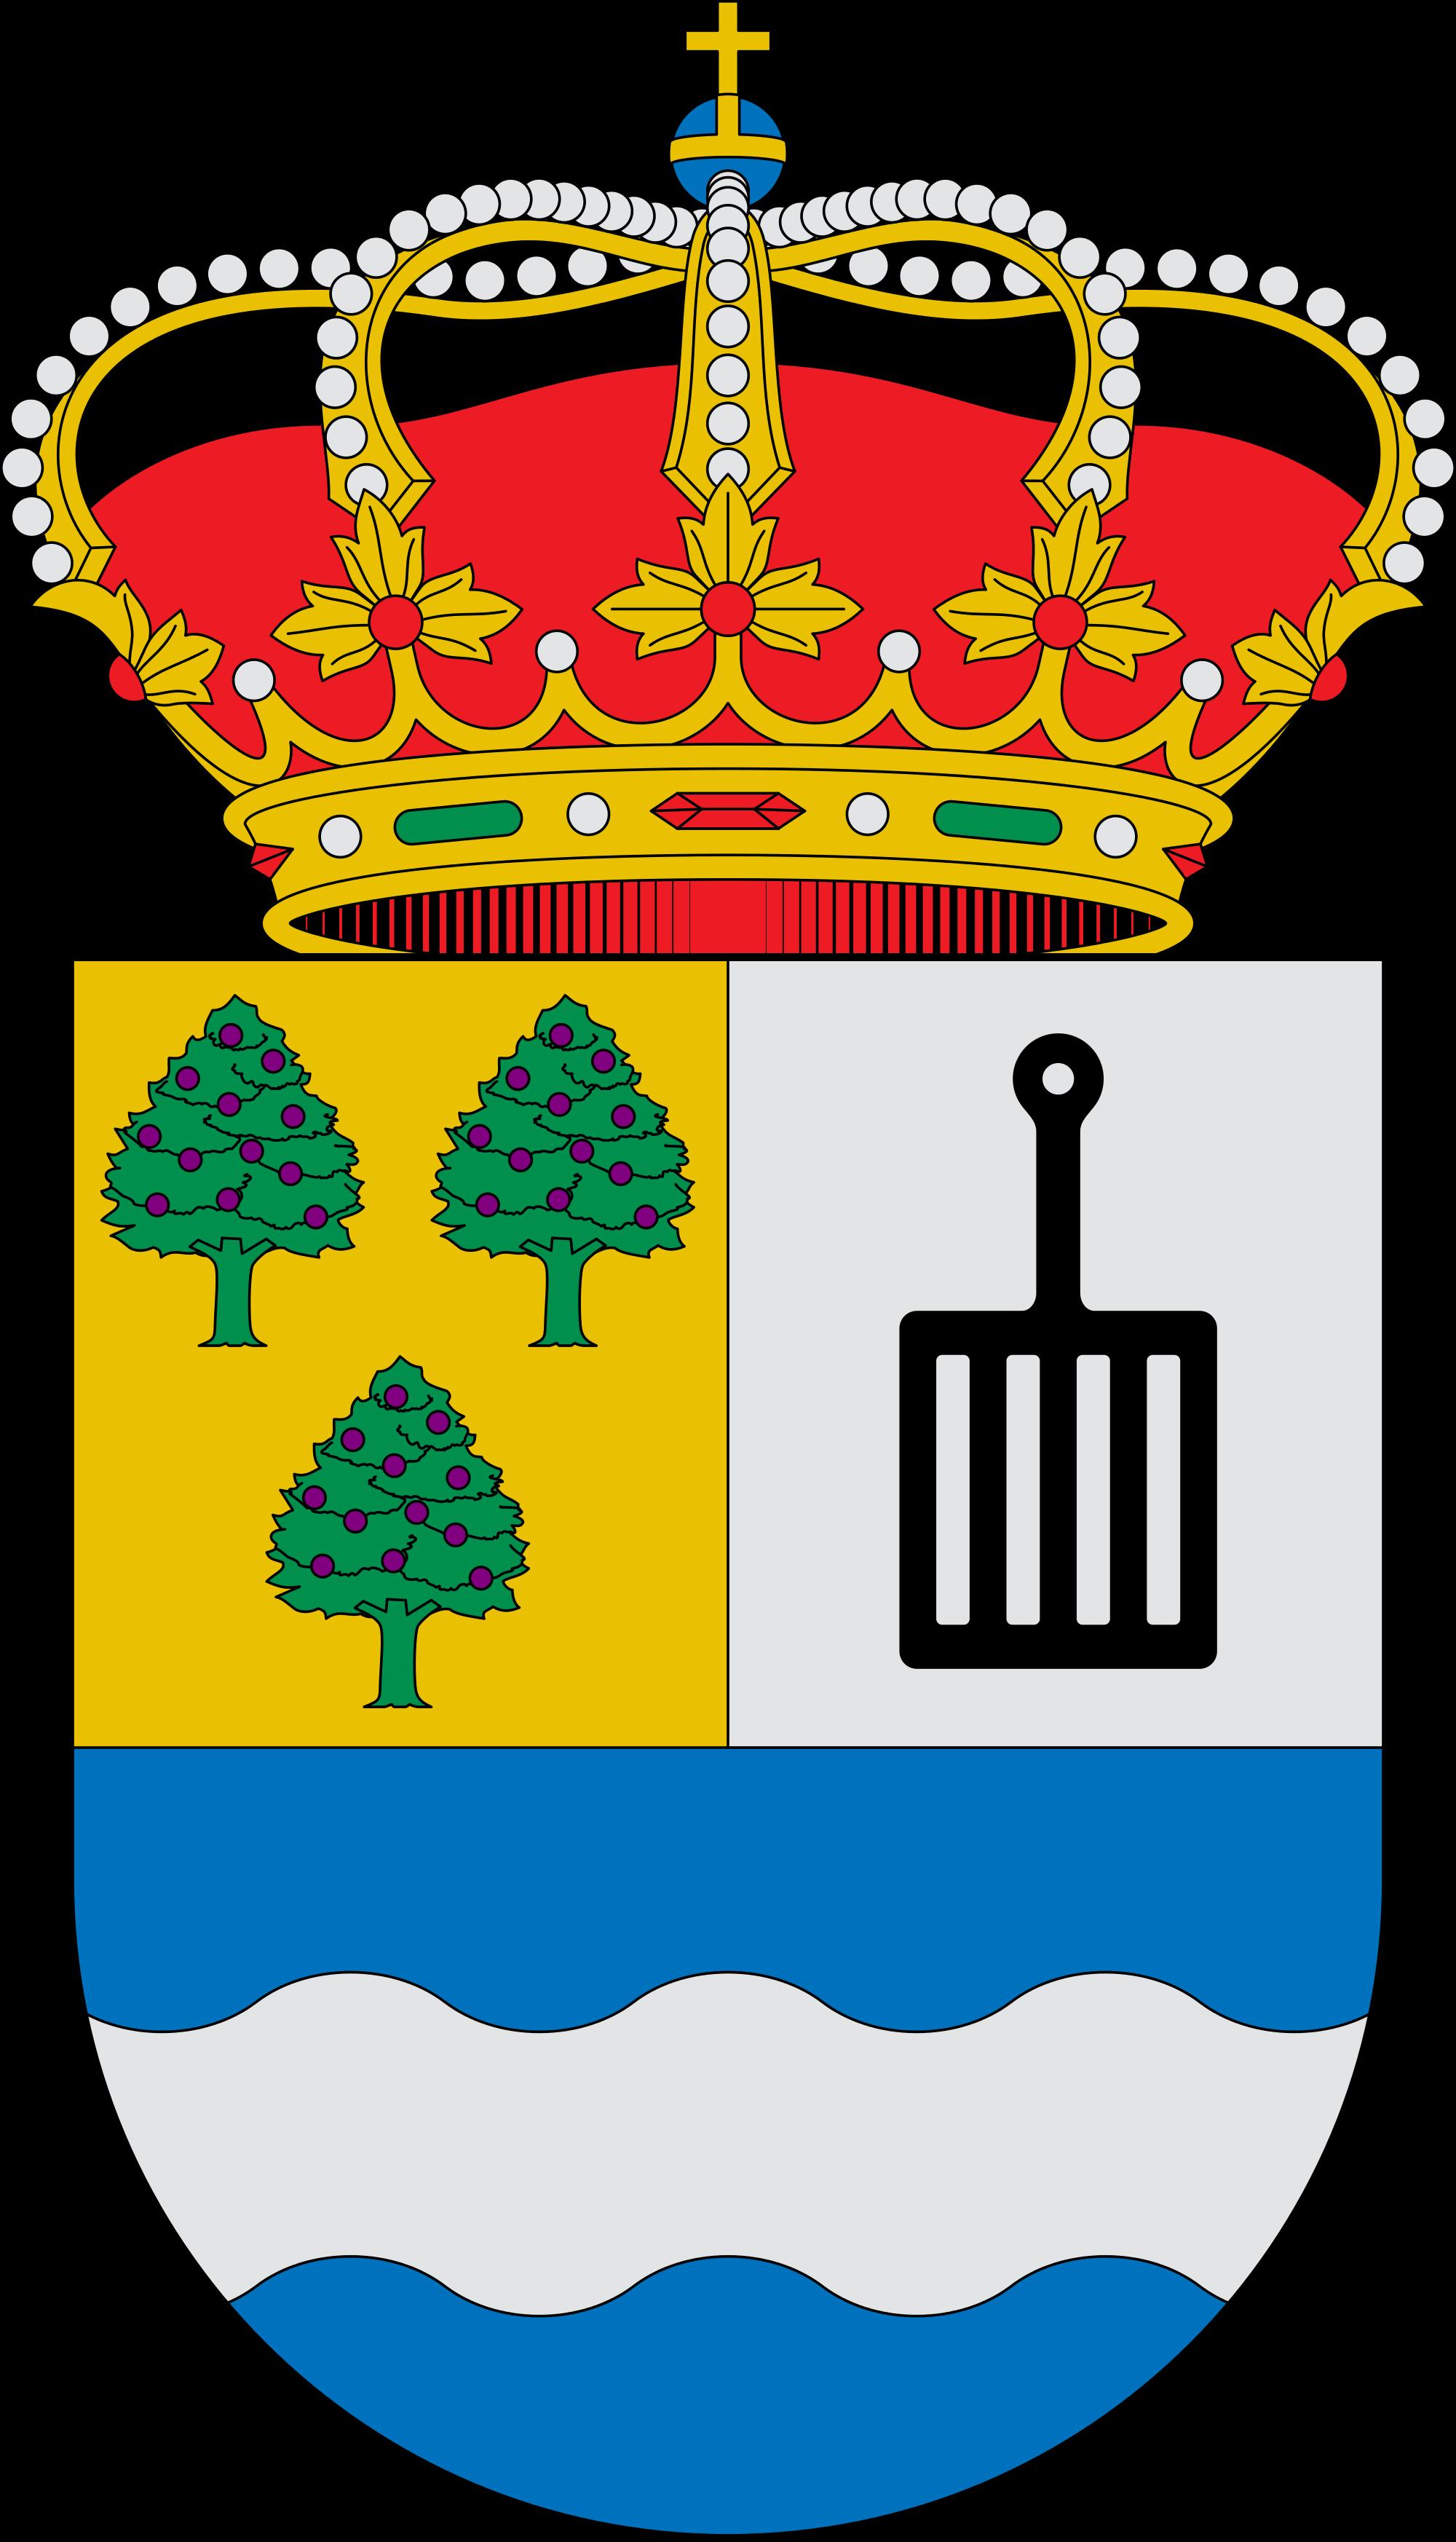 File:Escudo de Requejo de Sanabria (Zamora).svg.